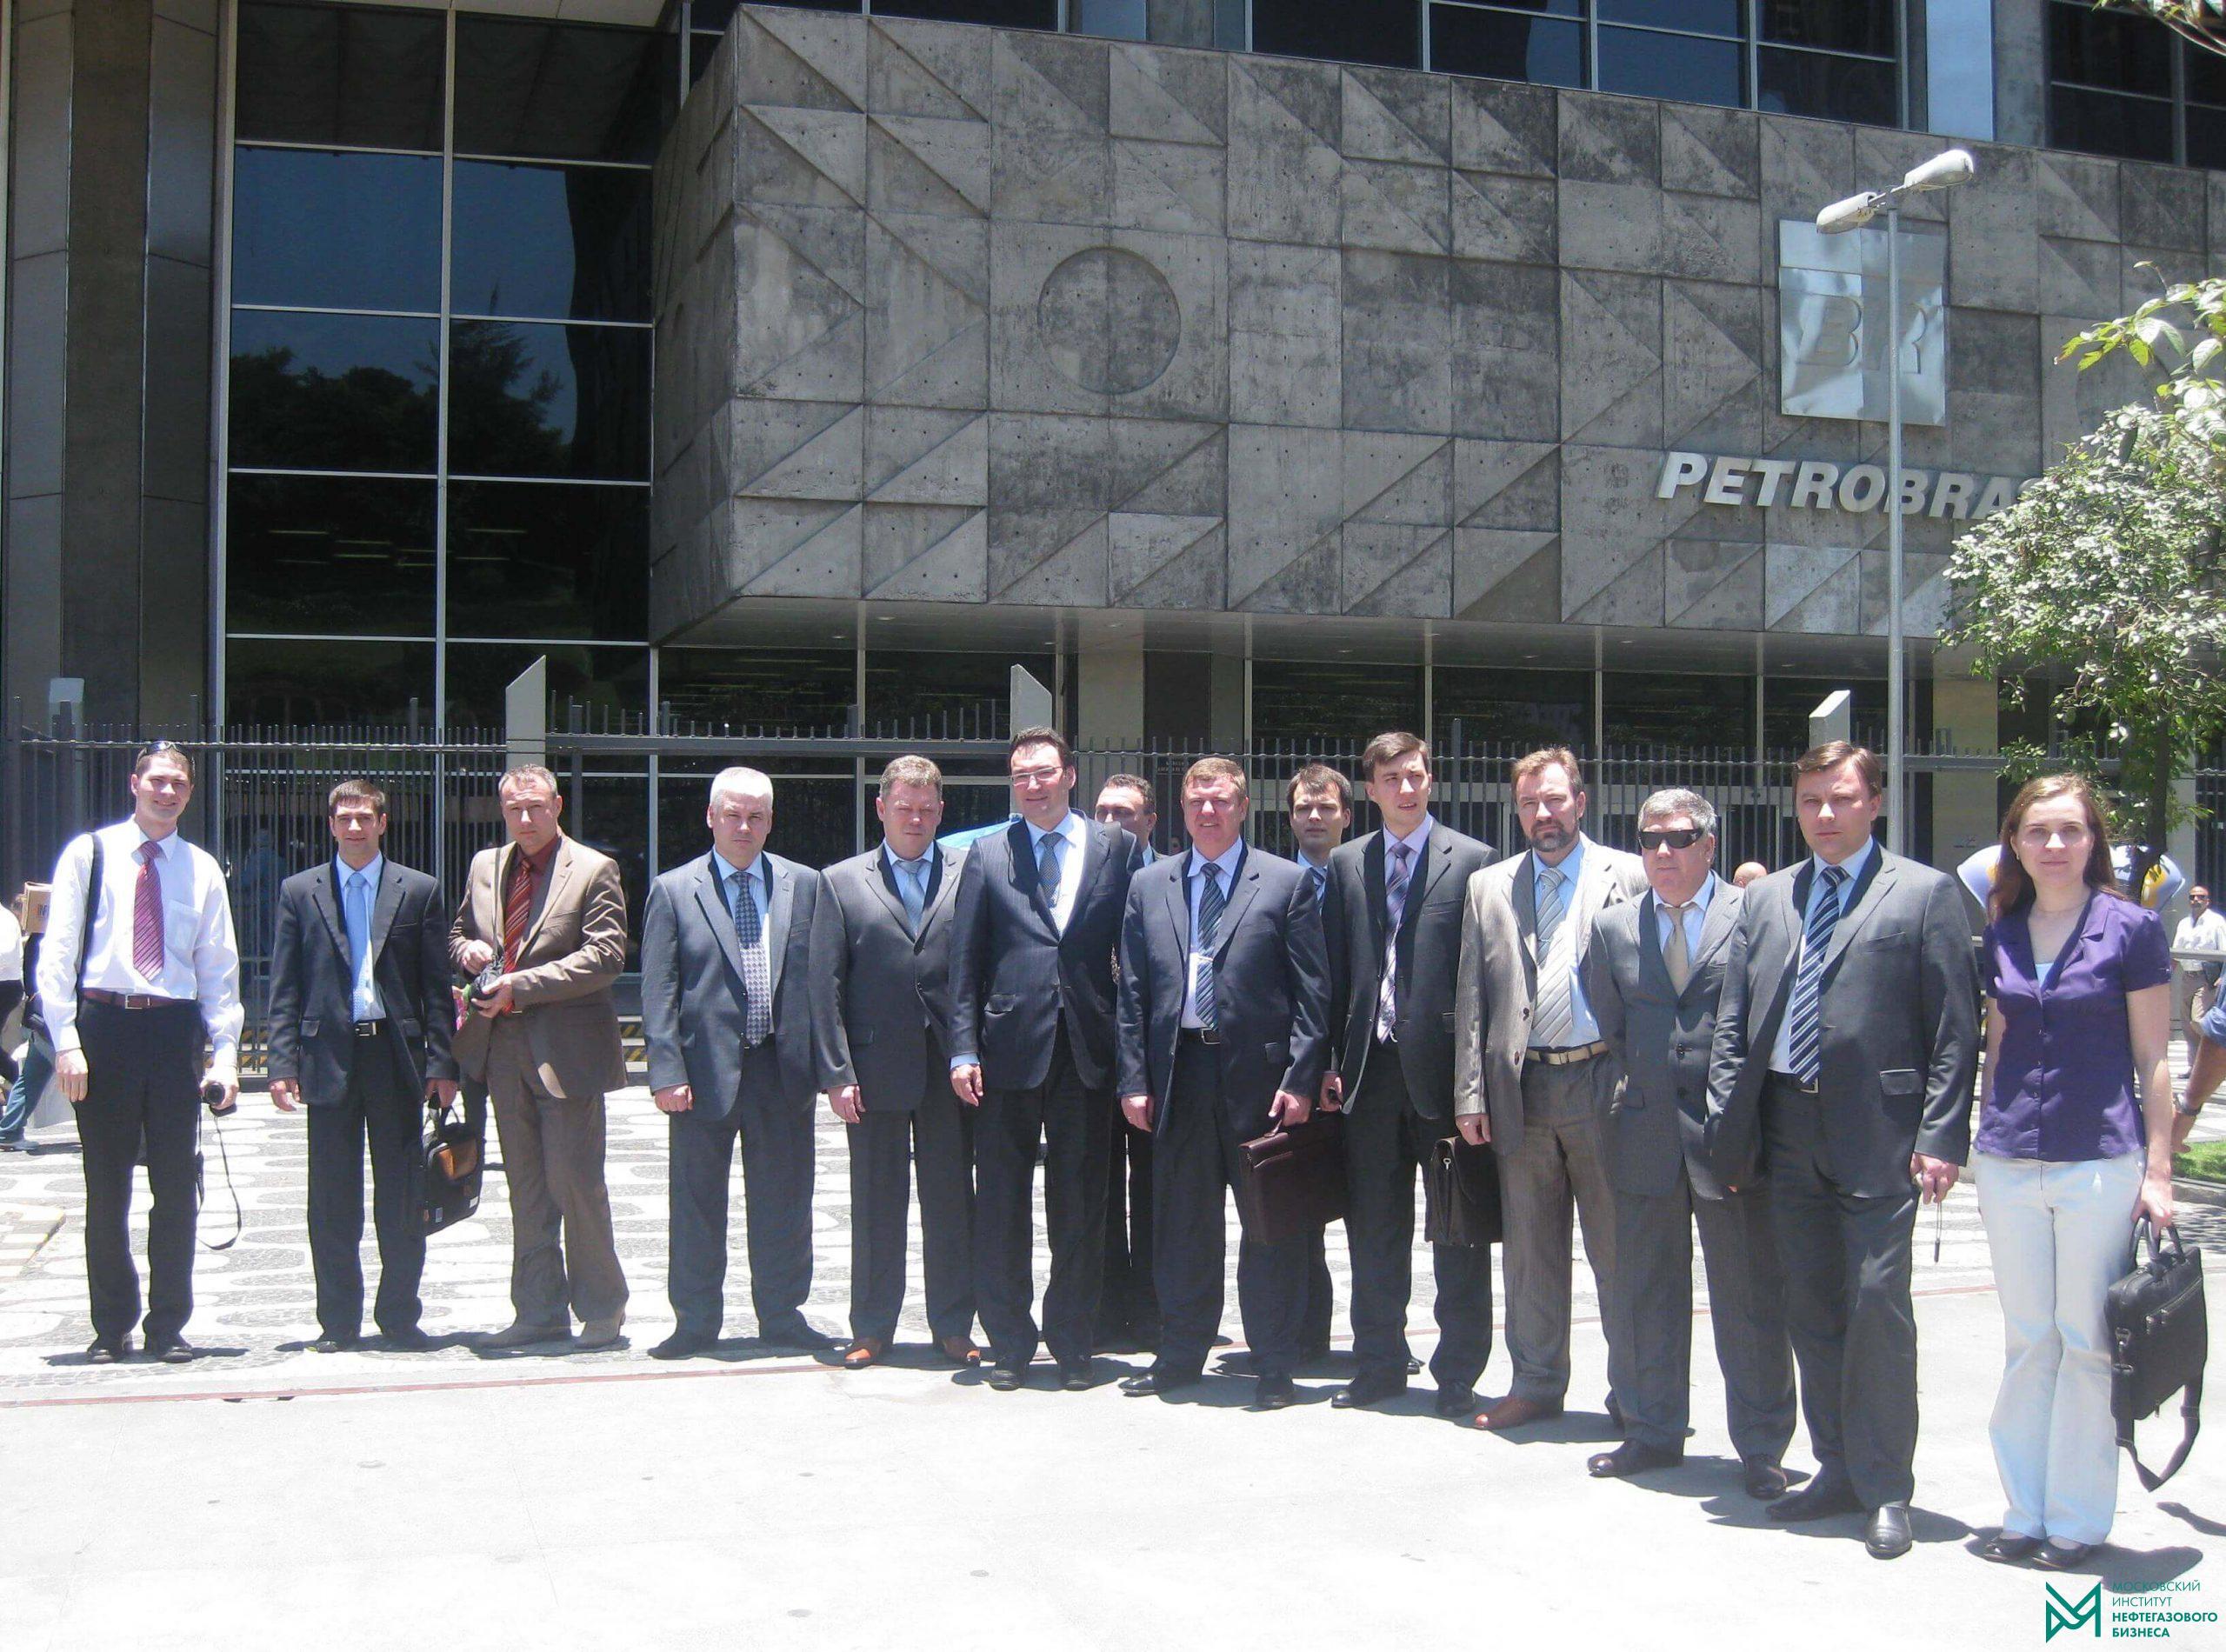 Стажировка Executive MBA: Нефтегазовый бизнес в Бразилии, Petrobras